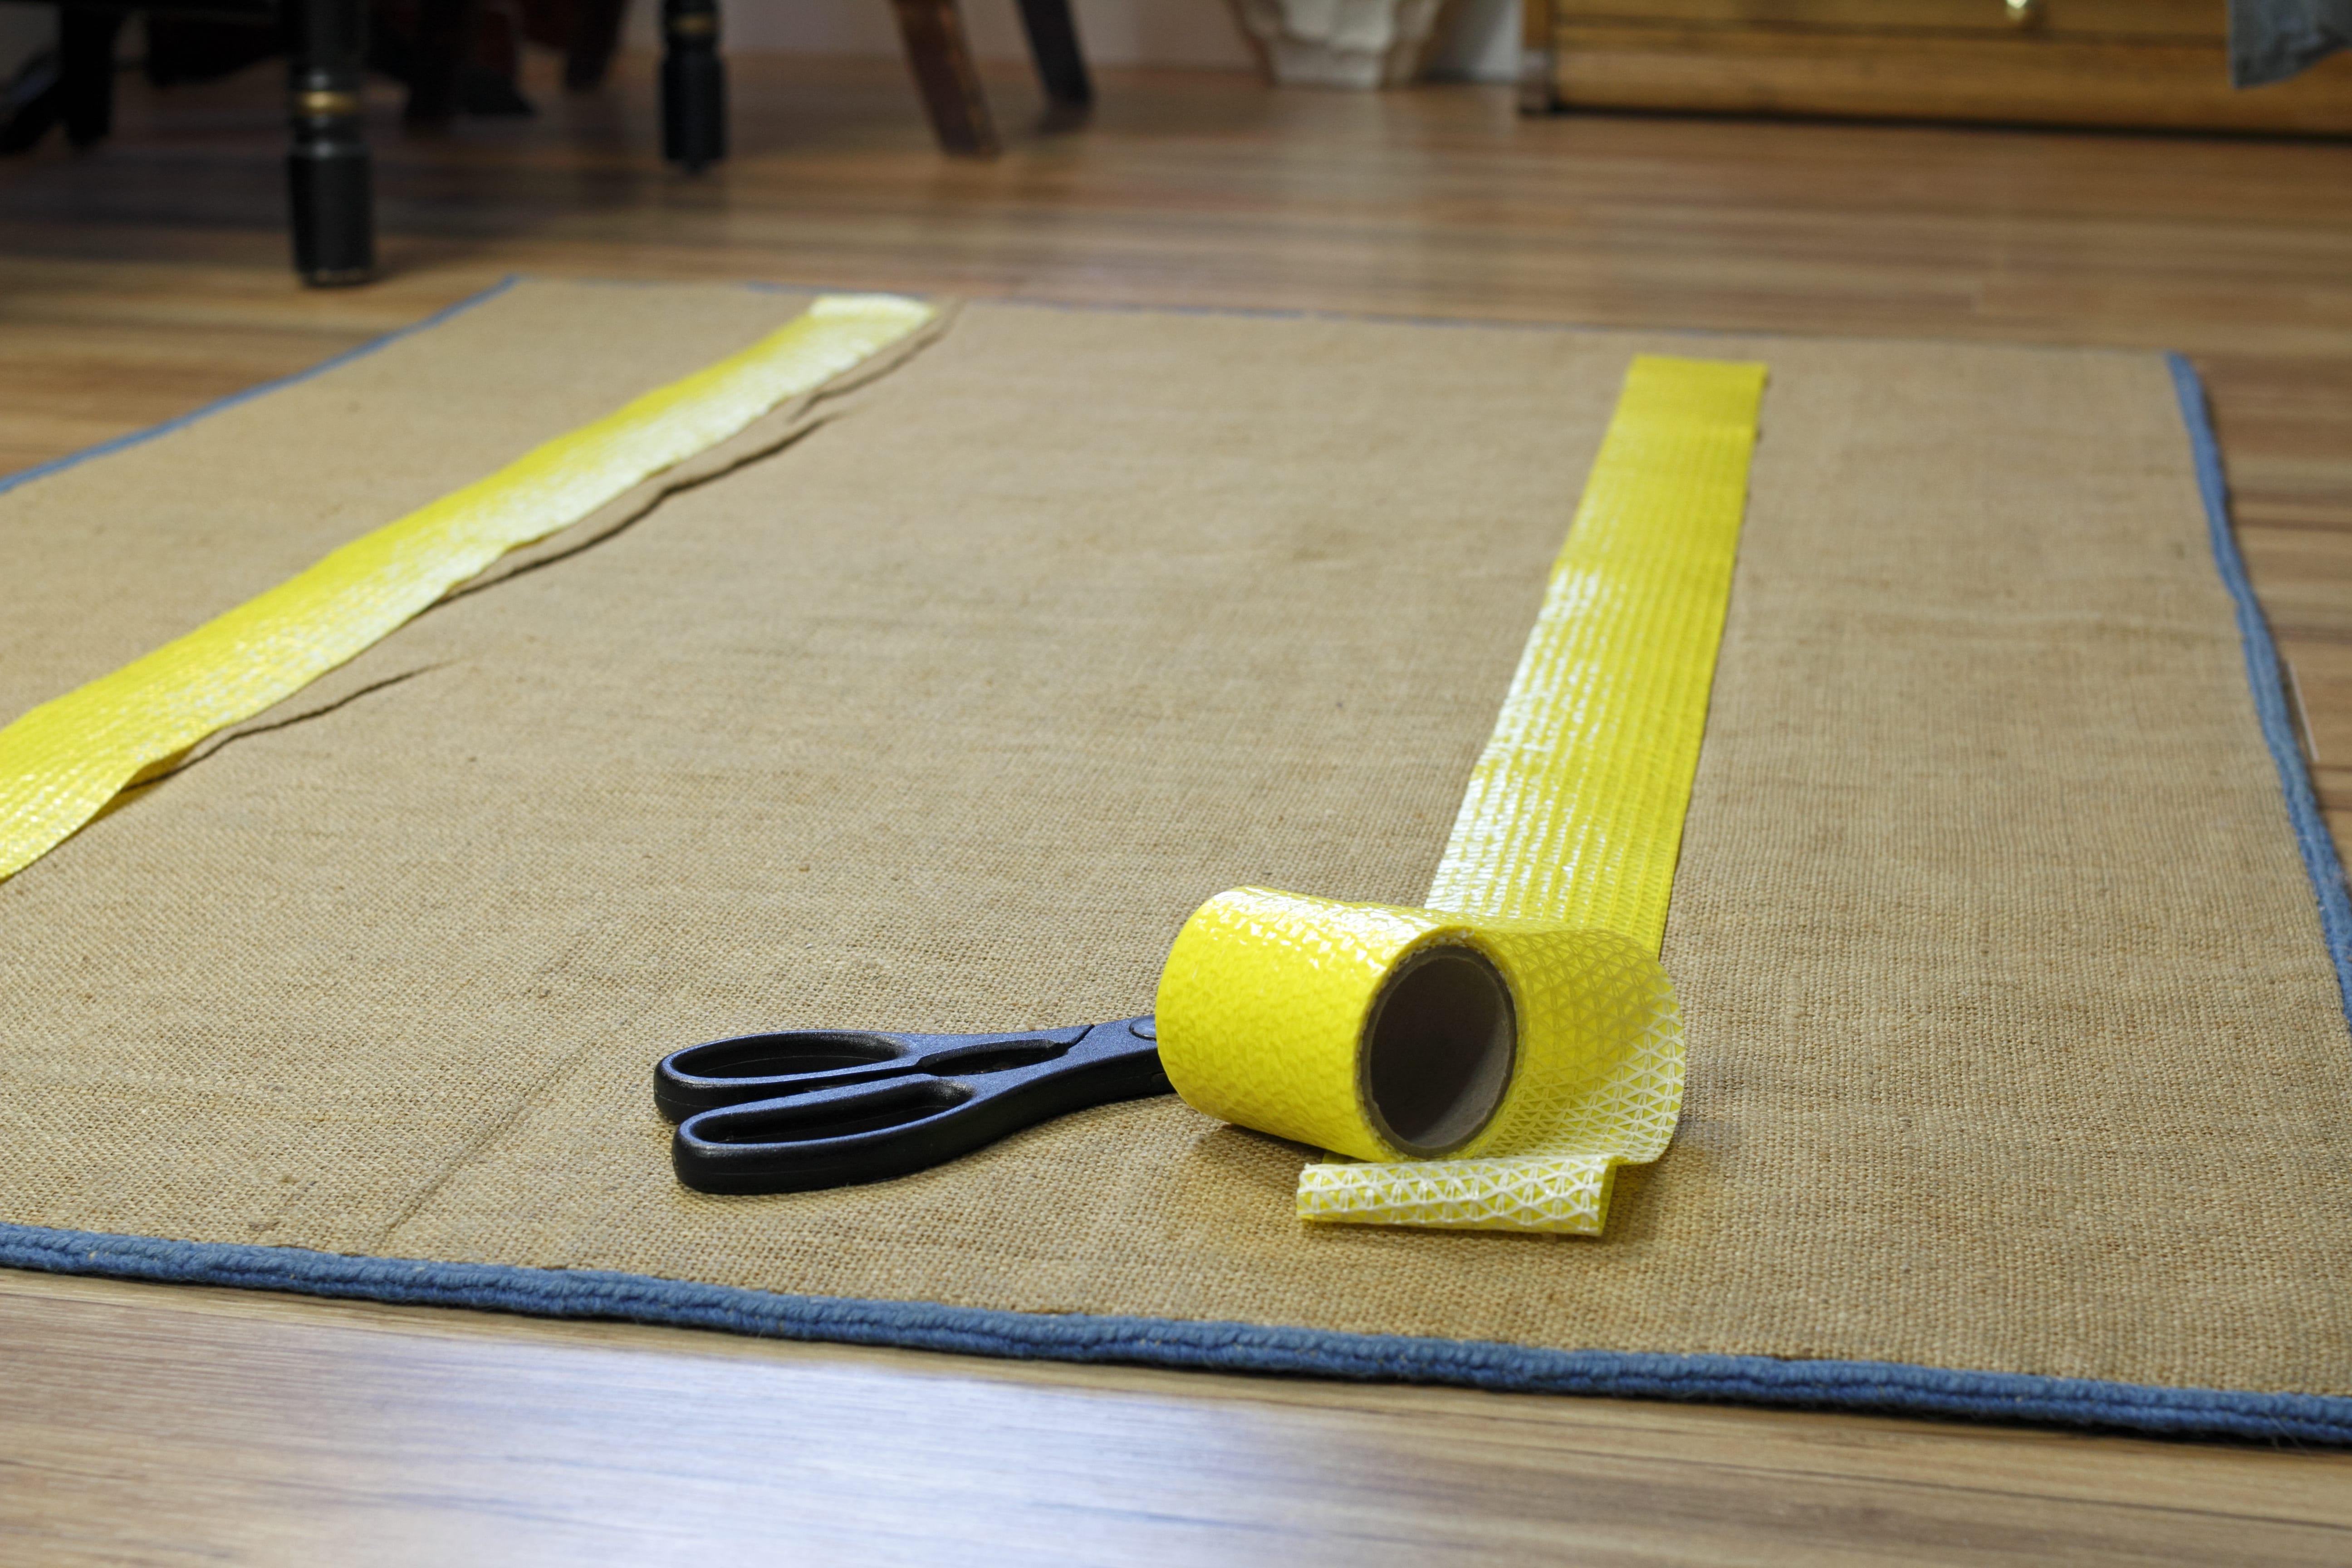 teppich rutscht 6 tipps die dagegen helfen. Black Bedroom Furniture Sets. Home Design Ideas